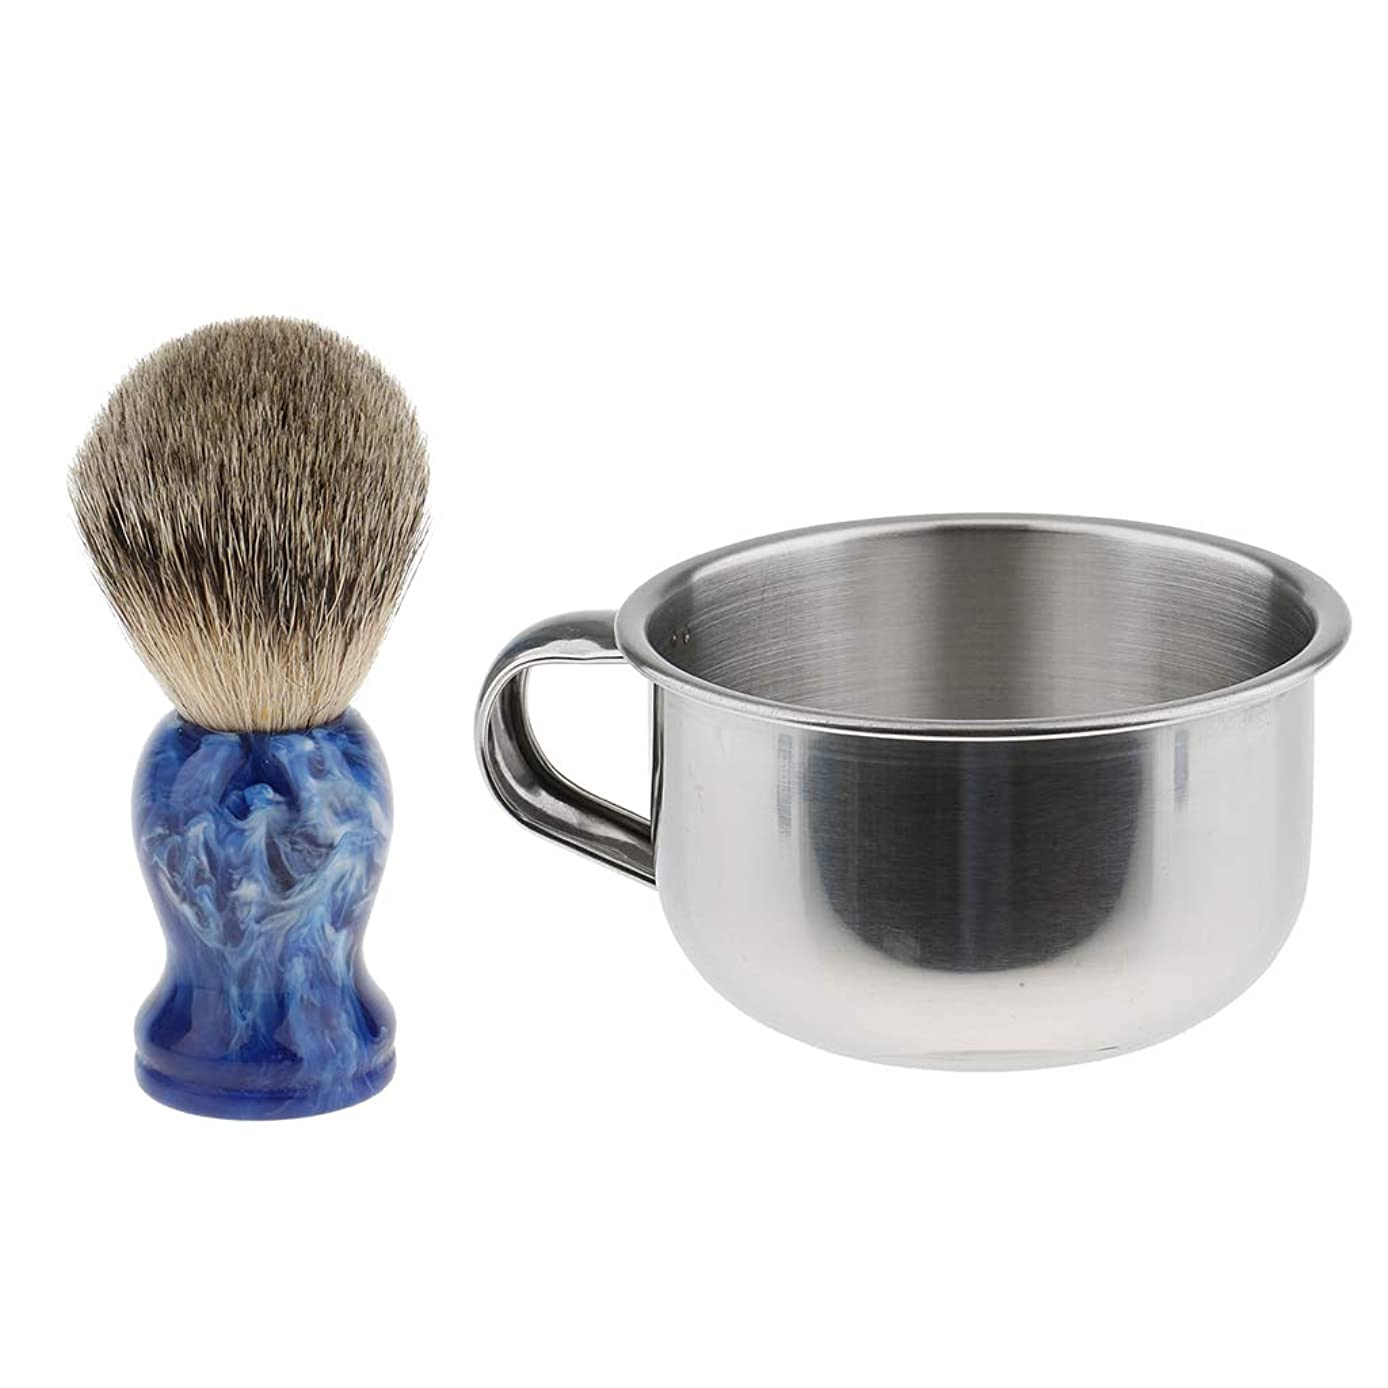 ソーダ水緩む時FLAMEER 2個セット メンズ シェービングブラシ 亜鉛合金 シェービングカップ ギフト理容 髭剃り 2色選ぶ - 青, 9cm